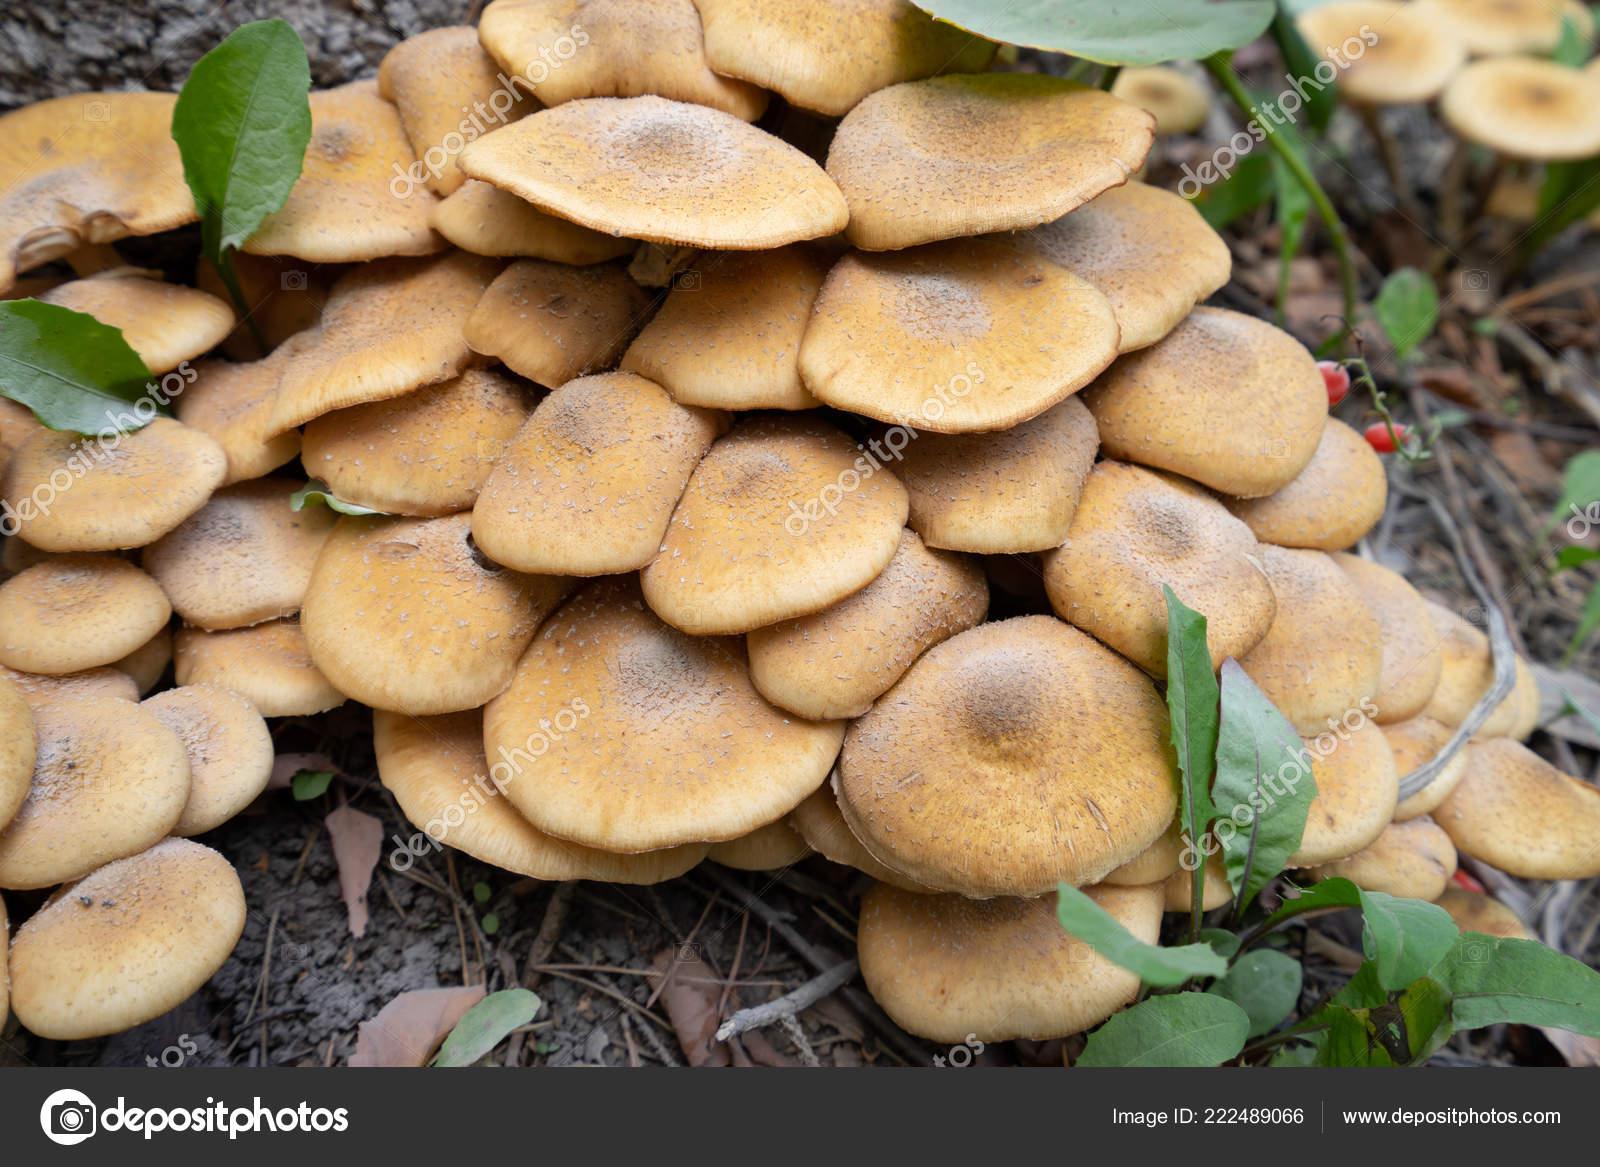 Beliebt Bevorzugt Pilze Garten — Stockfoto © logaleks@outlook.com #222489066 &FV_99